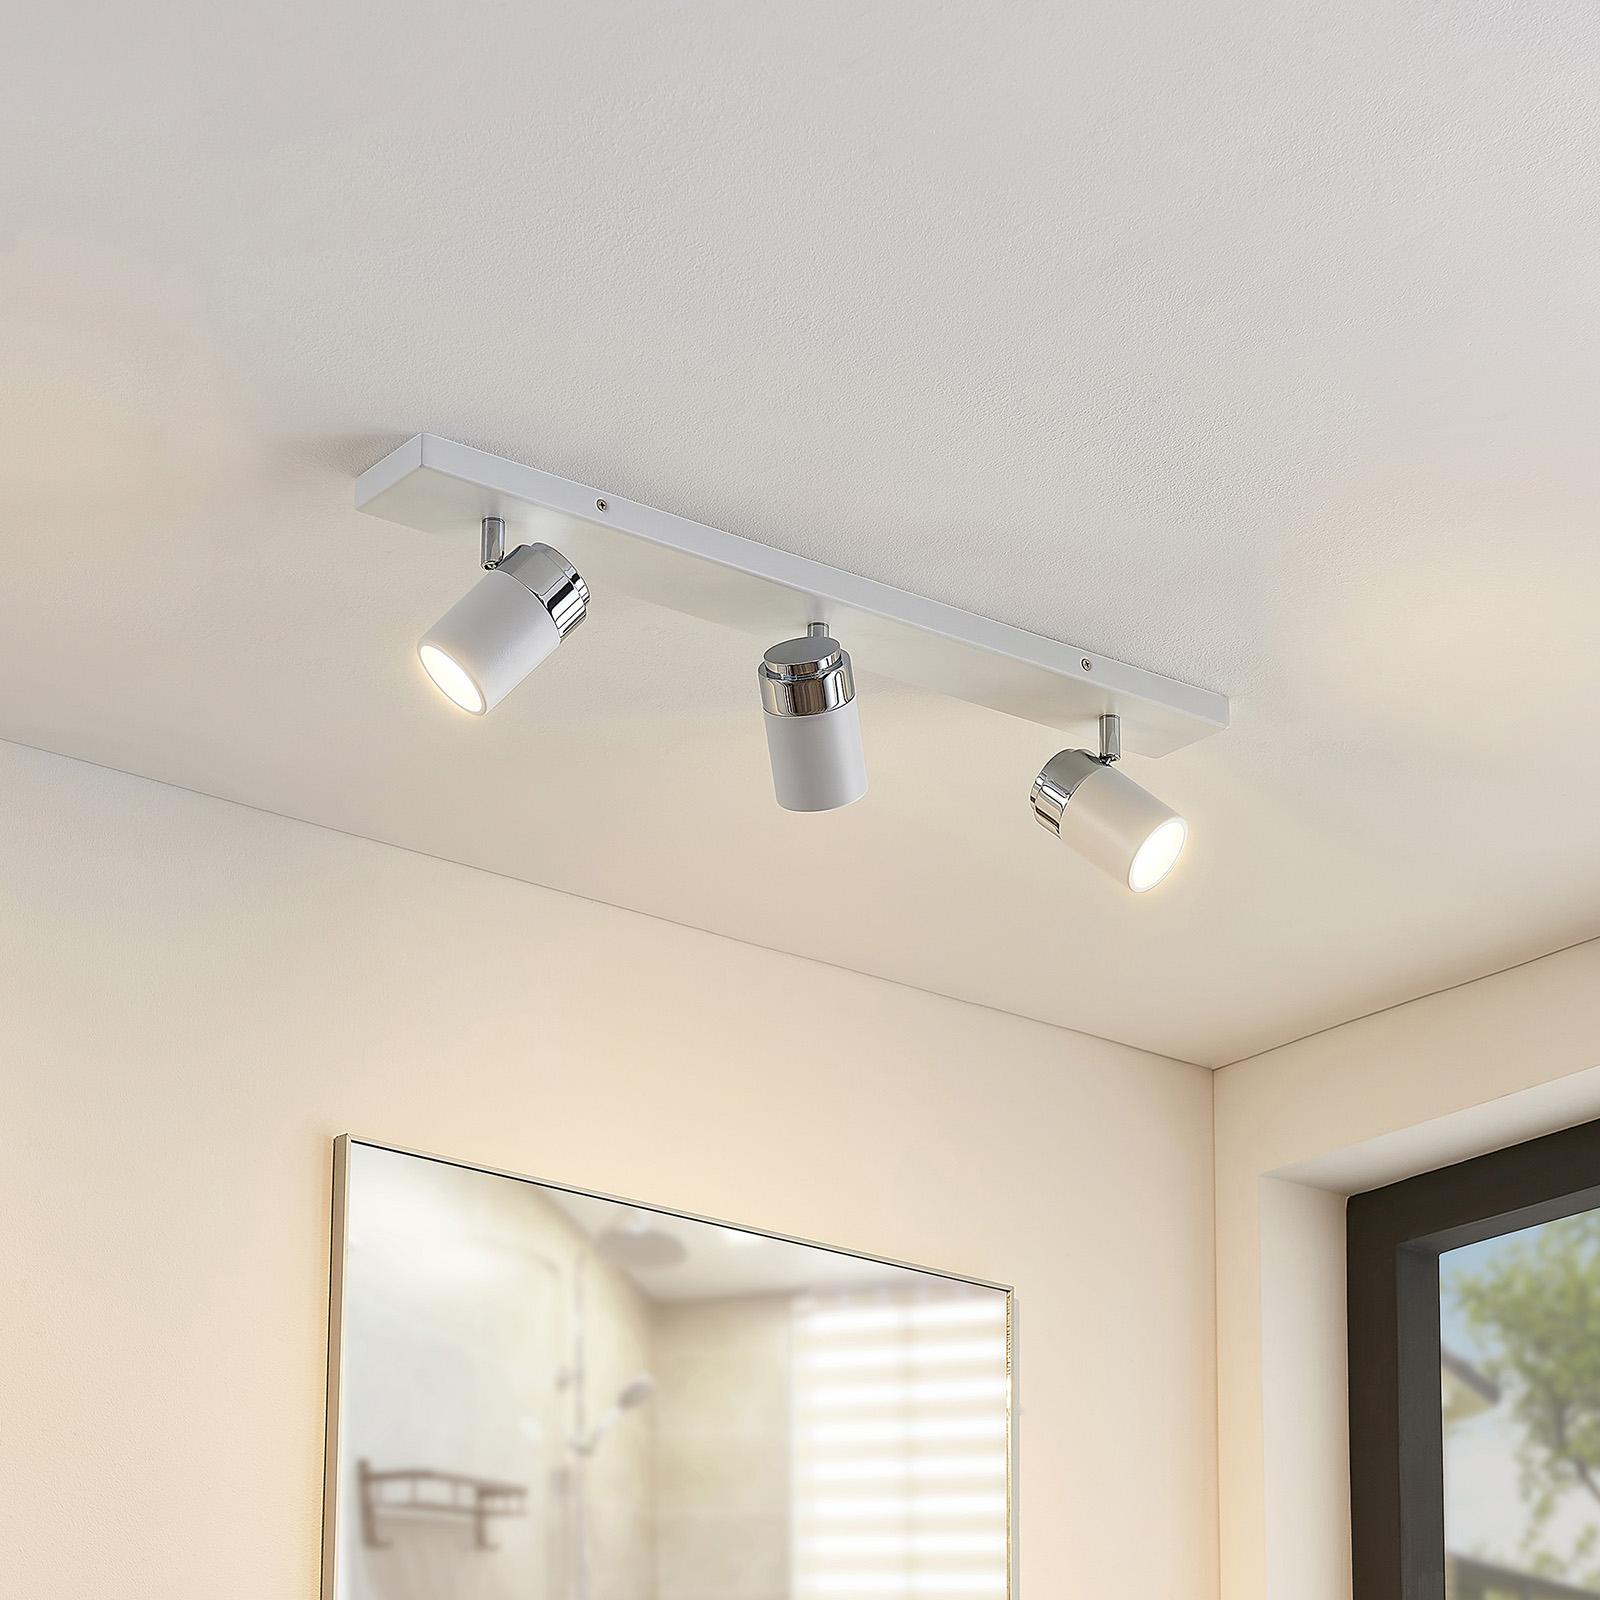 Three-bulb bathroom ceiling light Kardo, white_9641087_1